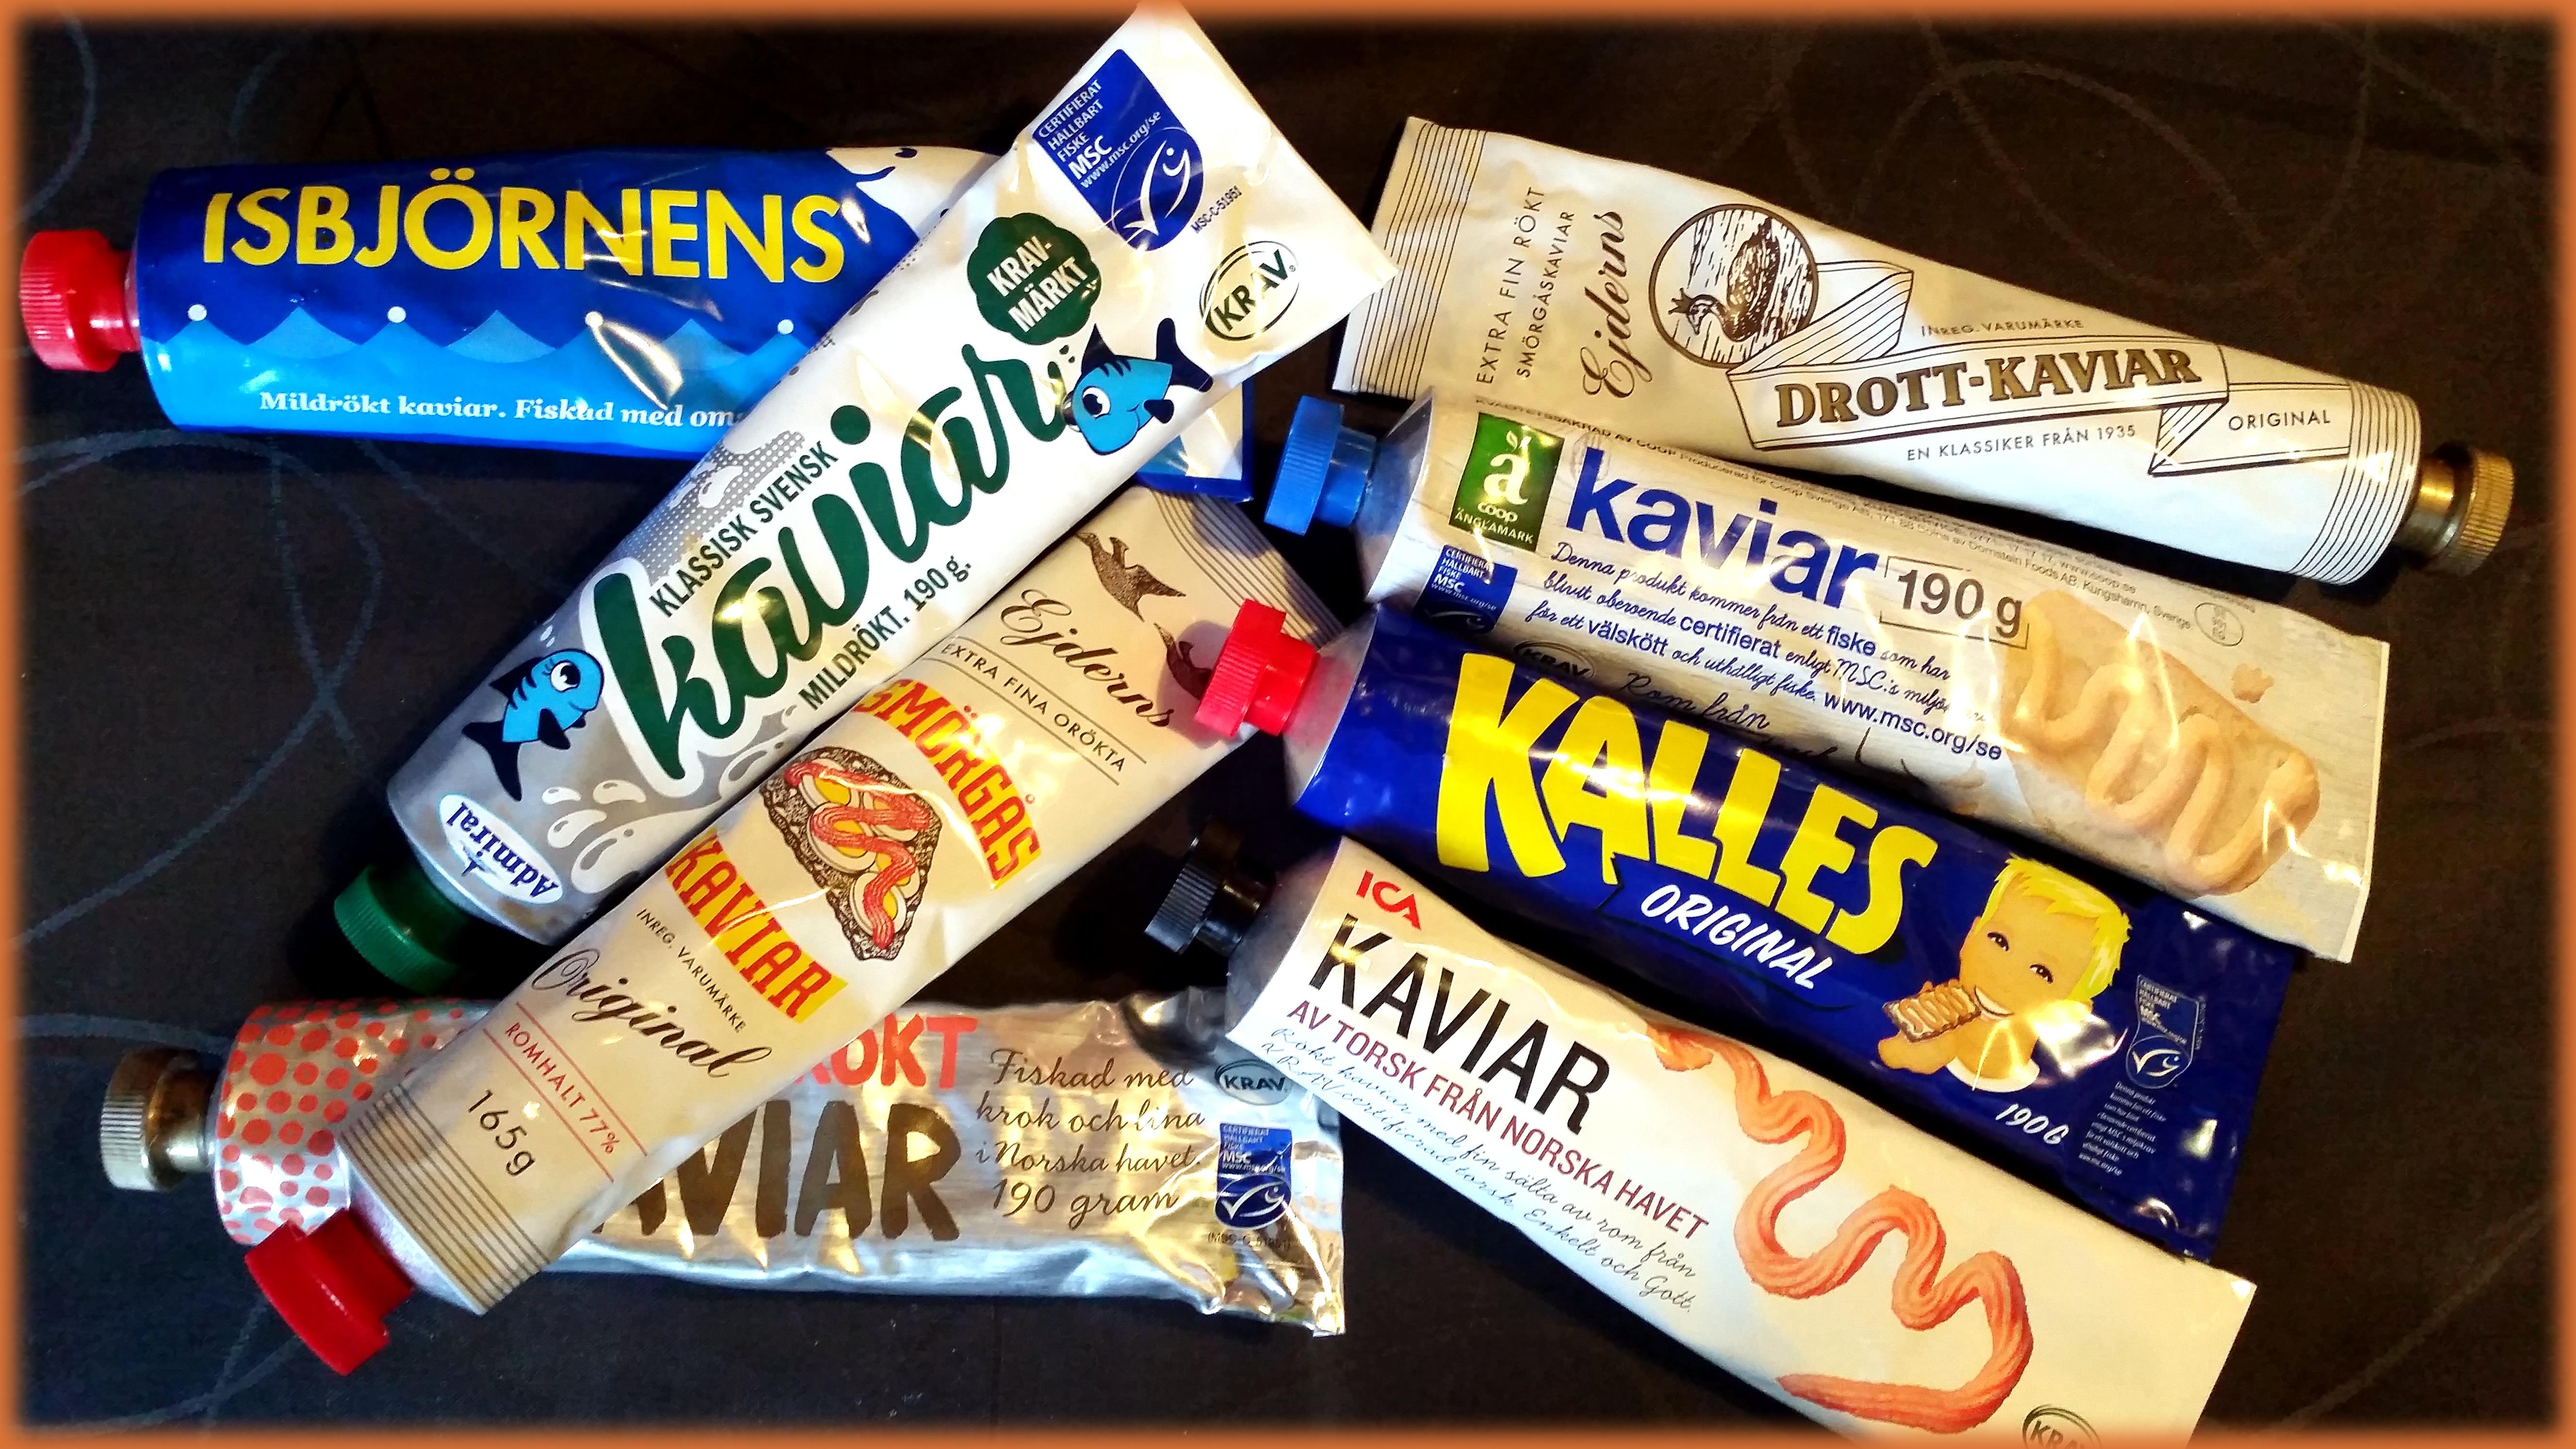 Bäst kaviar inför Påsk